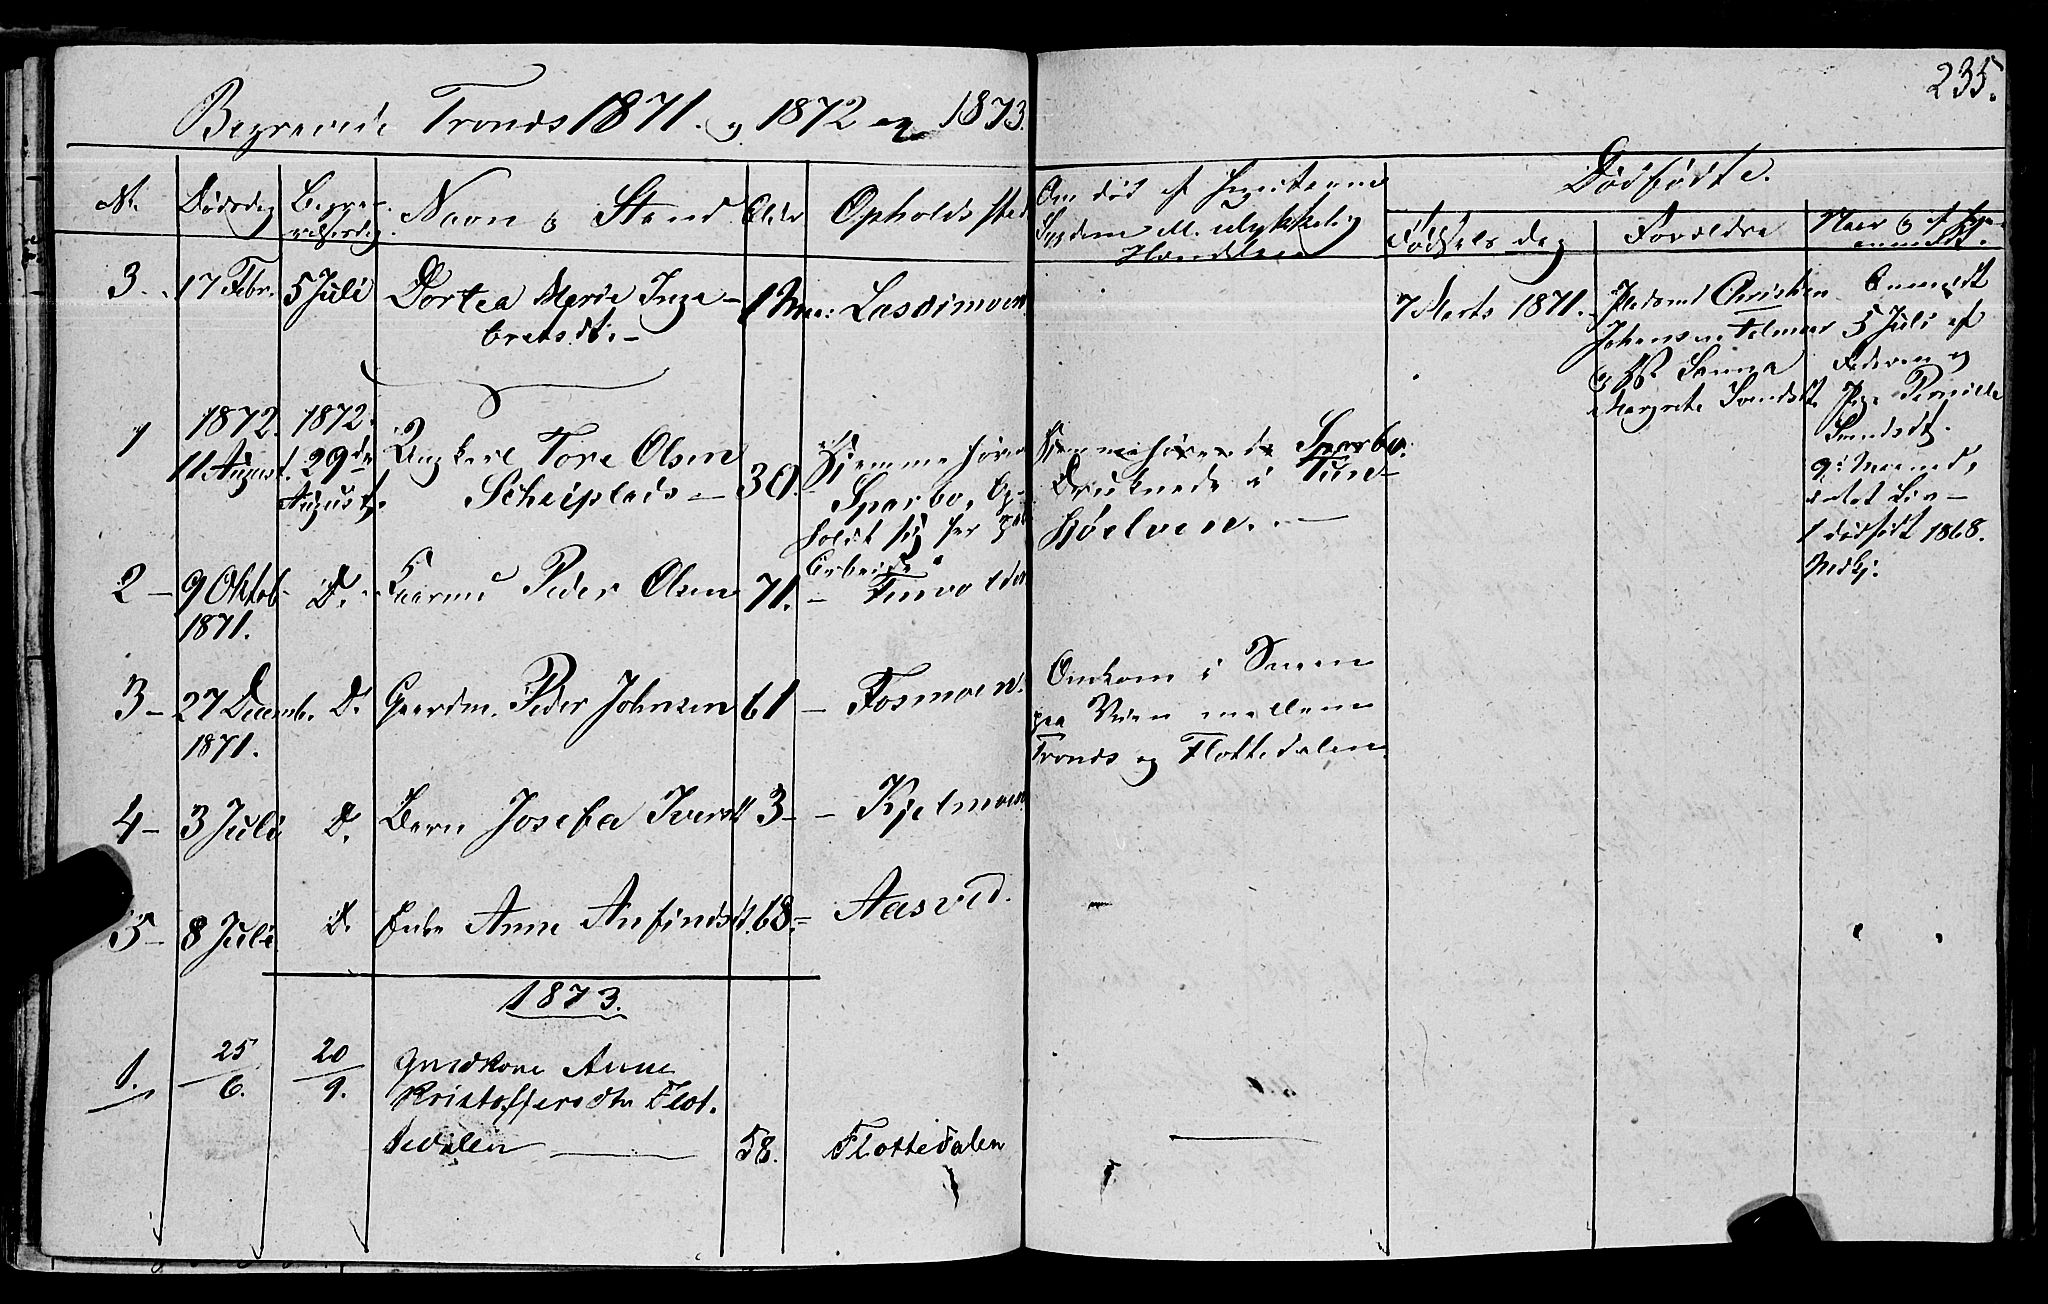 SAT, Ministerialprotokoller, klokkerbøker og fødselsregistre - Nord-Trøndelag, 762/L0538: Ministerialbok nr. 762A02 /2, 1833-1879, s. 235